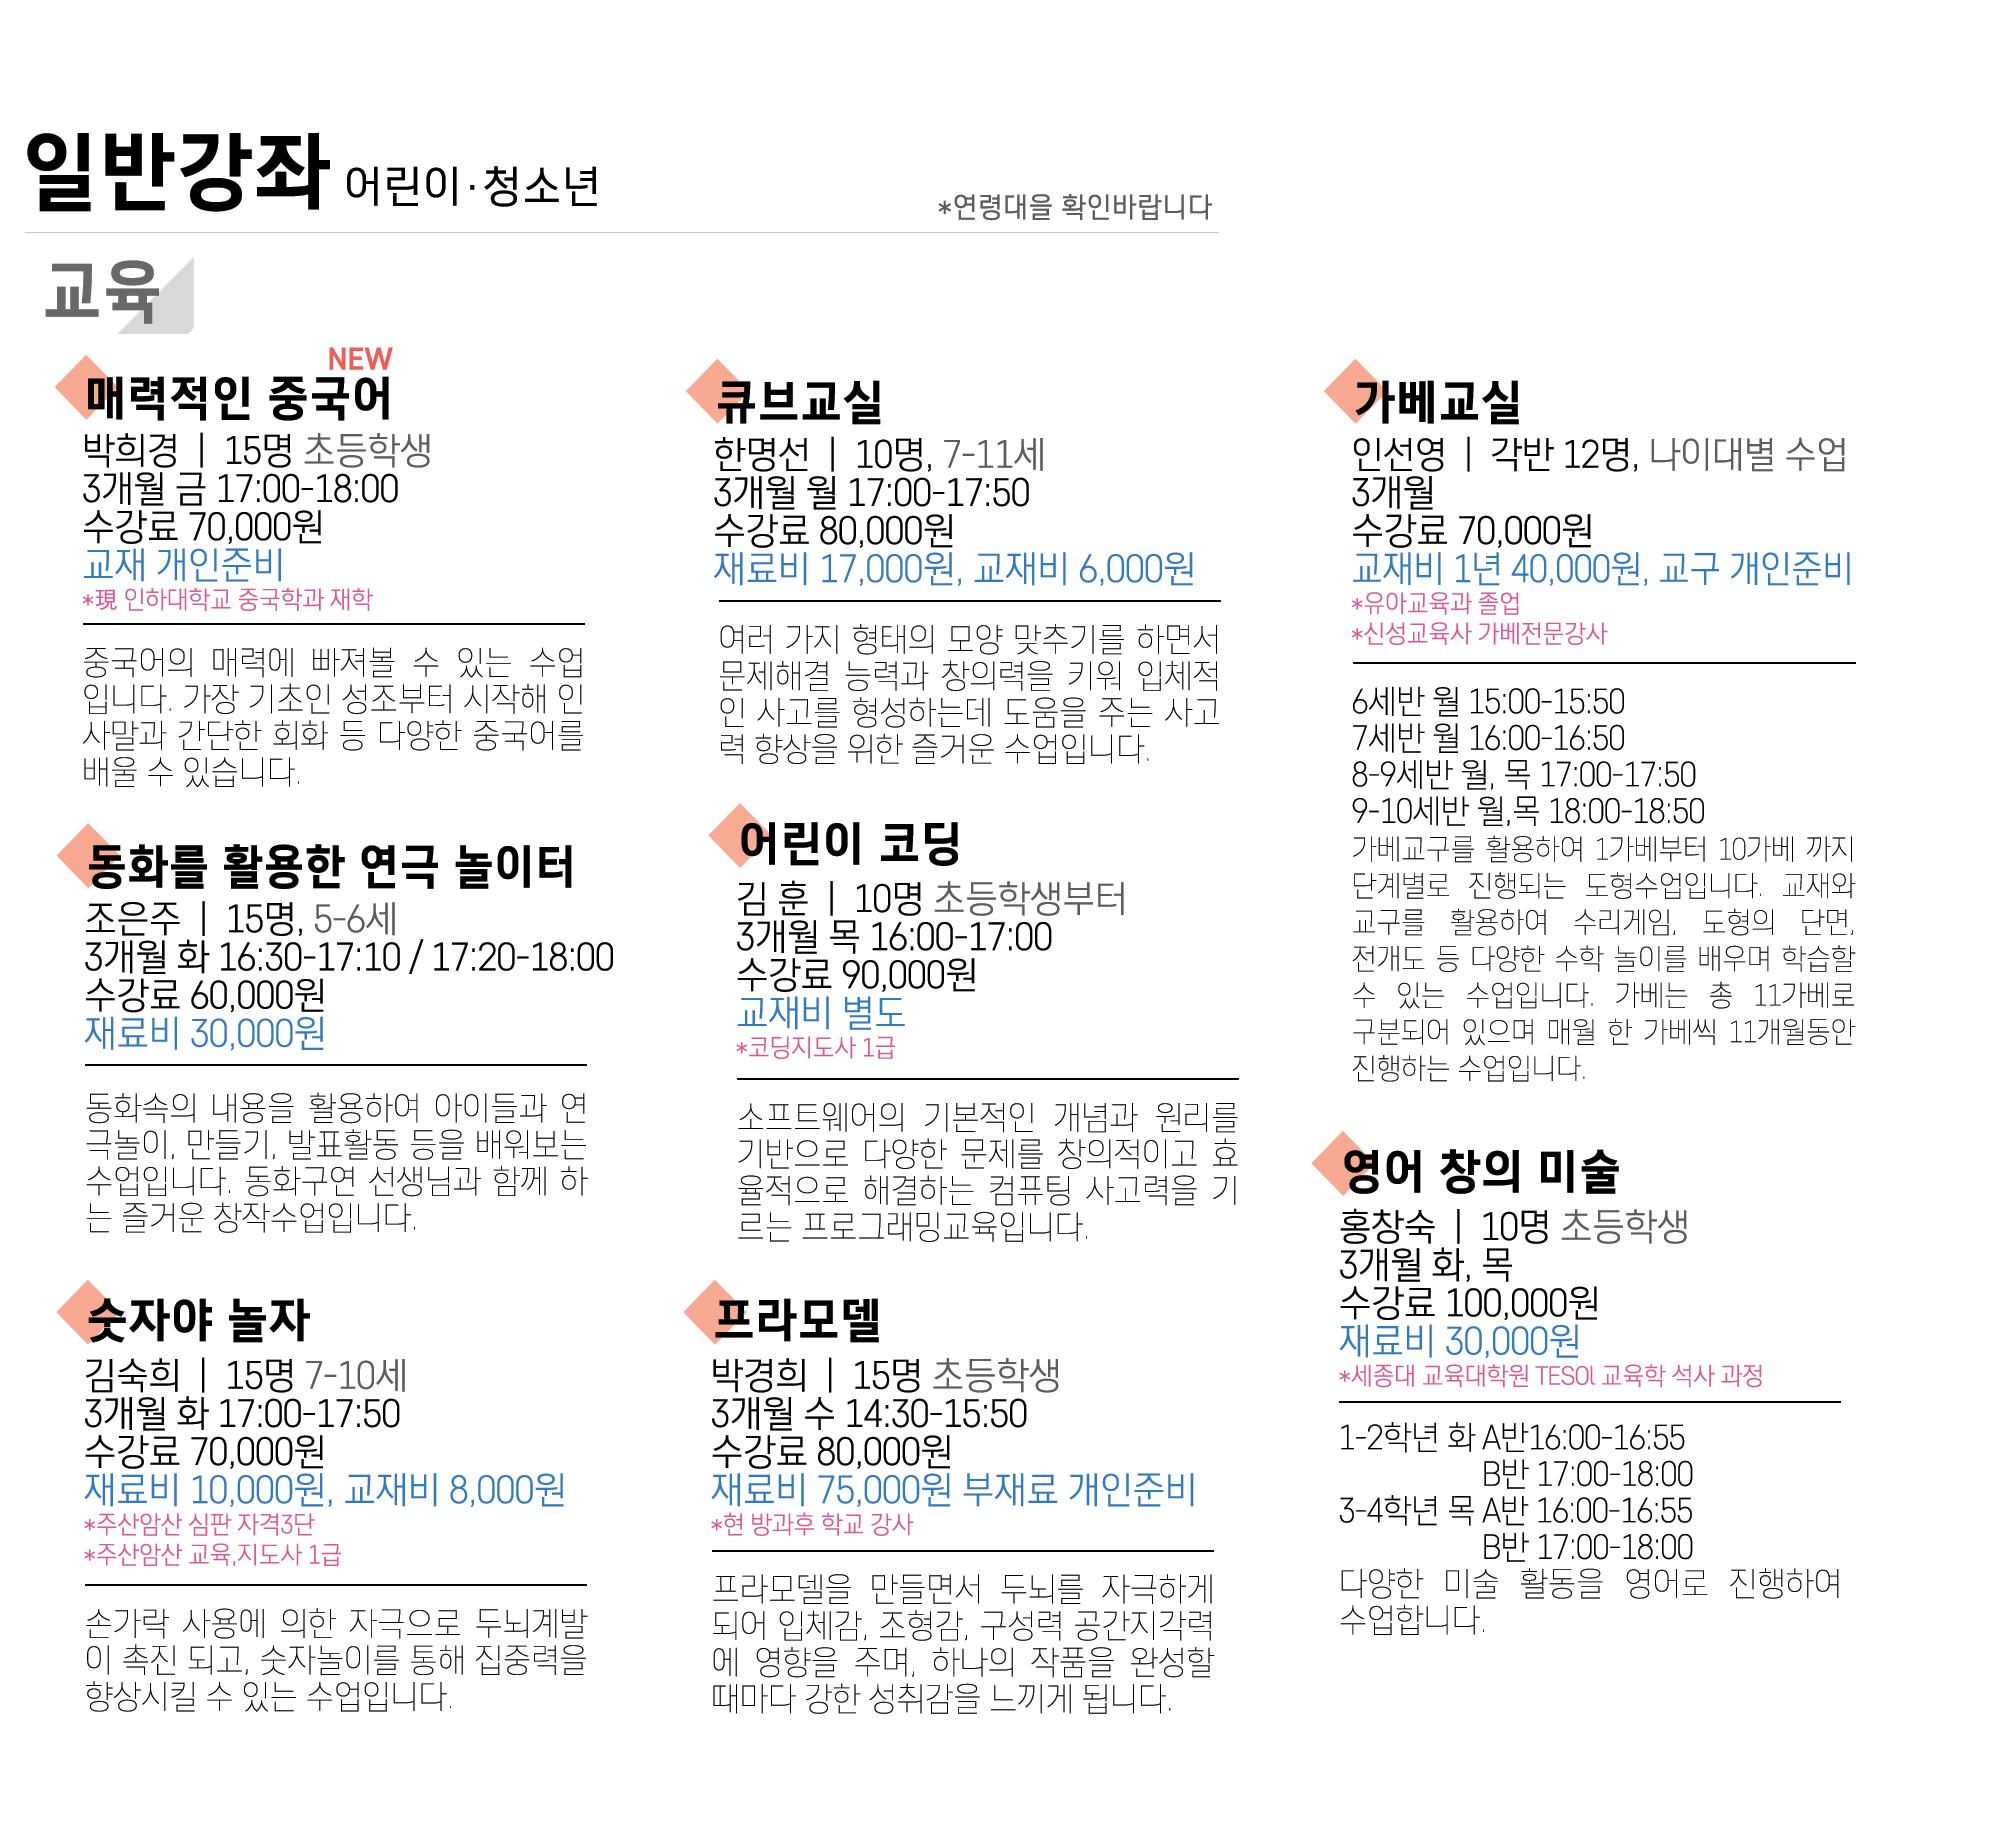 06. 어린이청소년강좌_교육.jpg